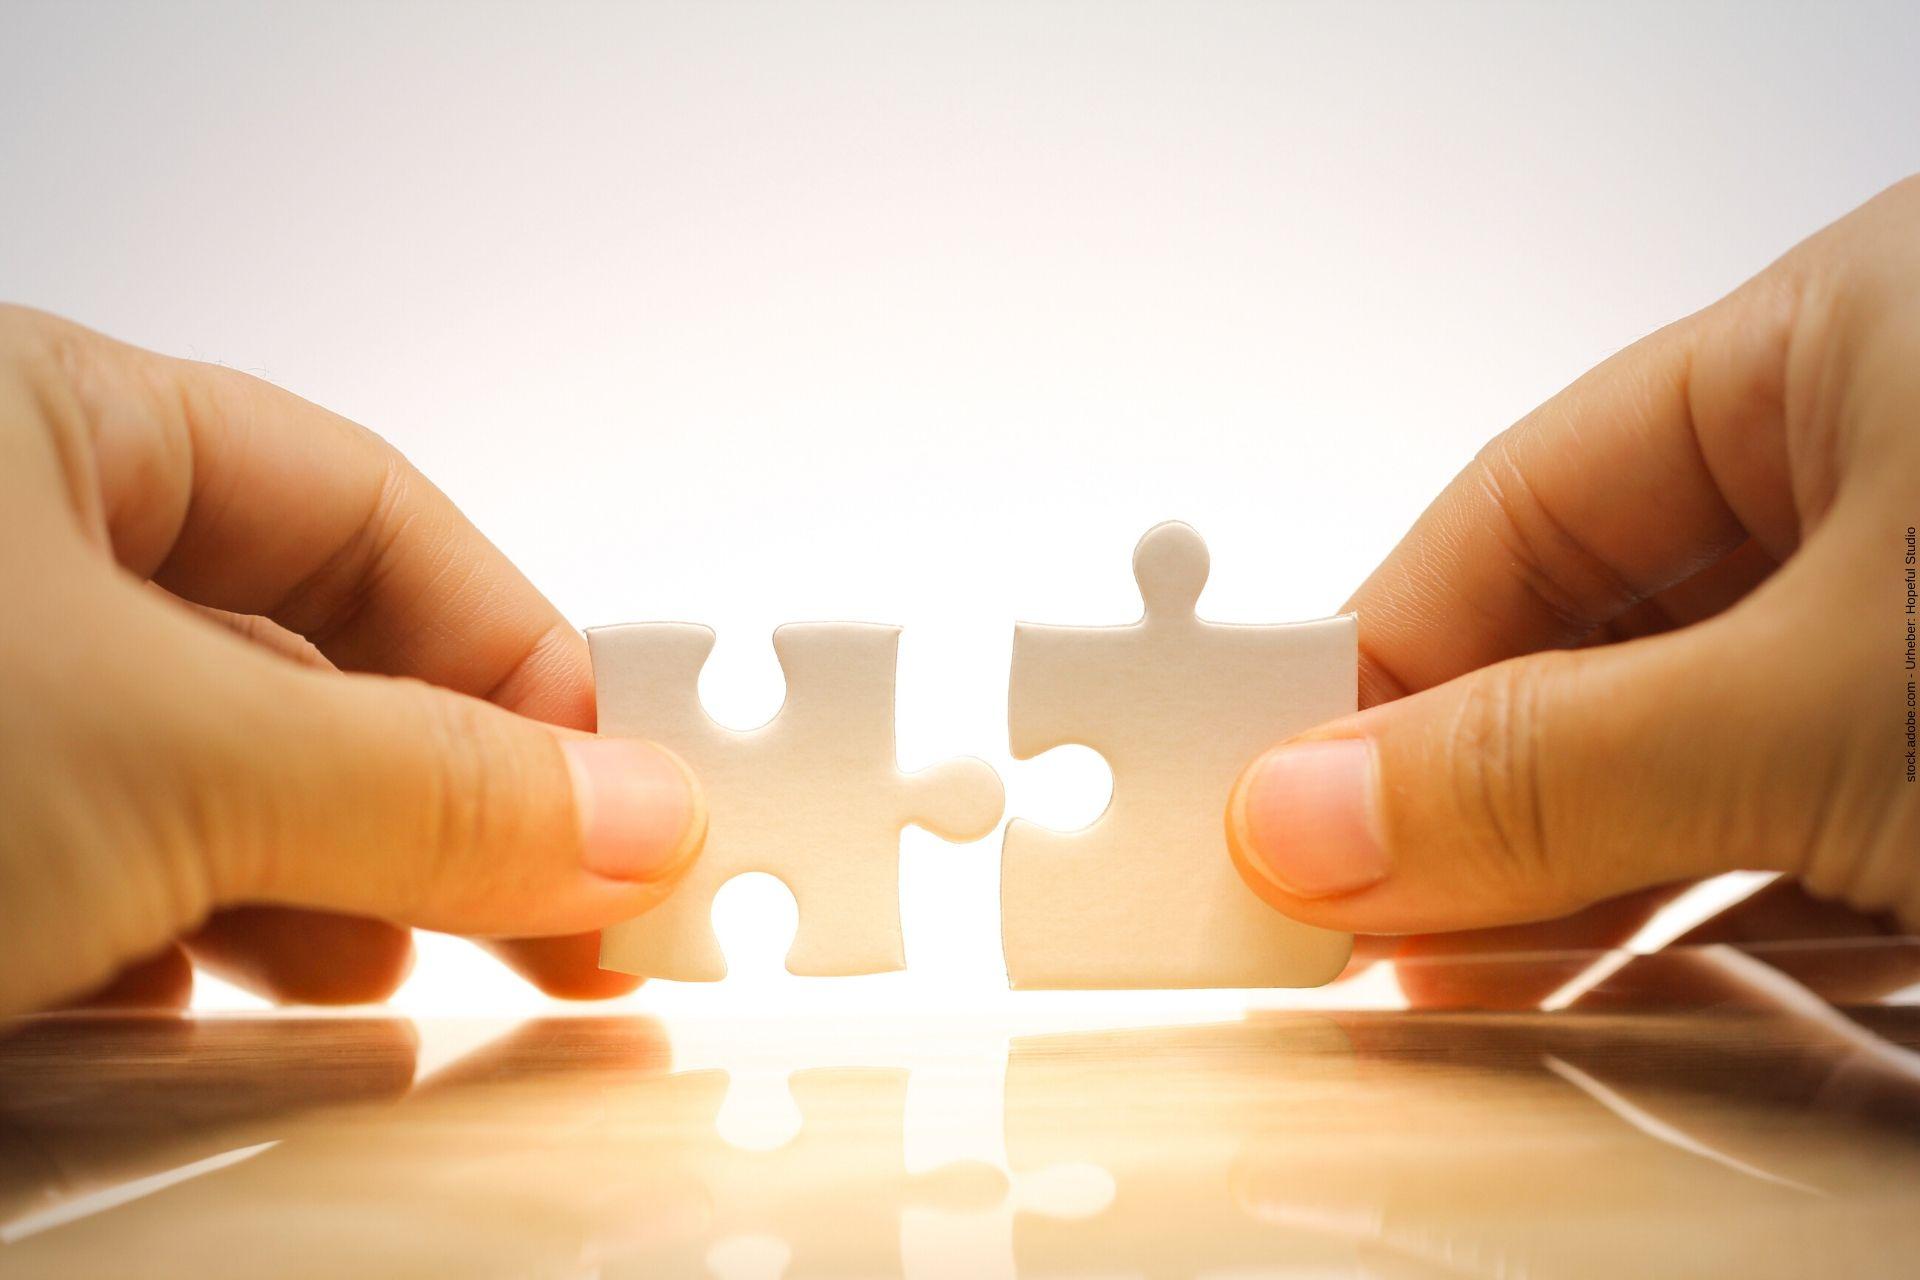 Gewerbeversicherung - Schützen Sie Ihr Unternehmen vor existenziellen Risiken